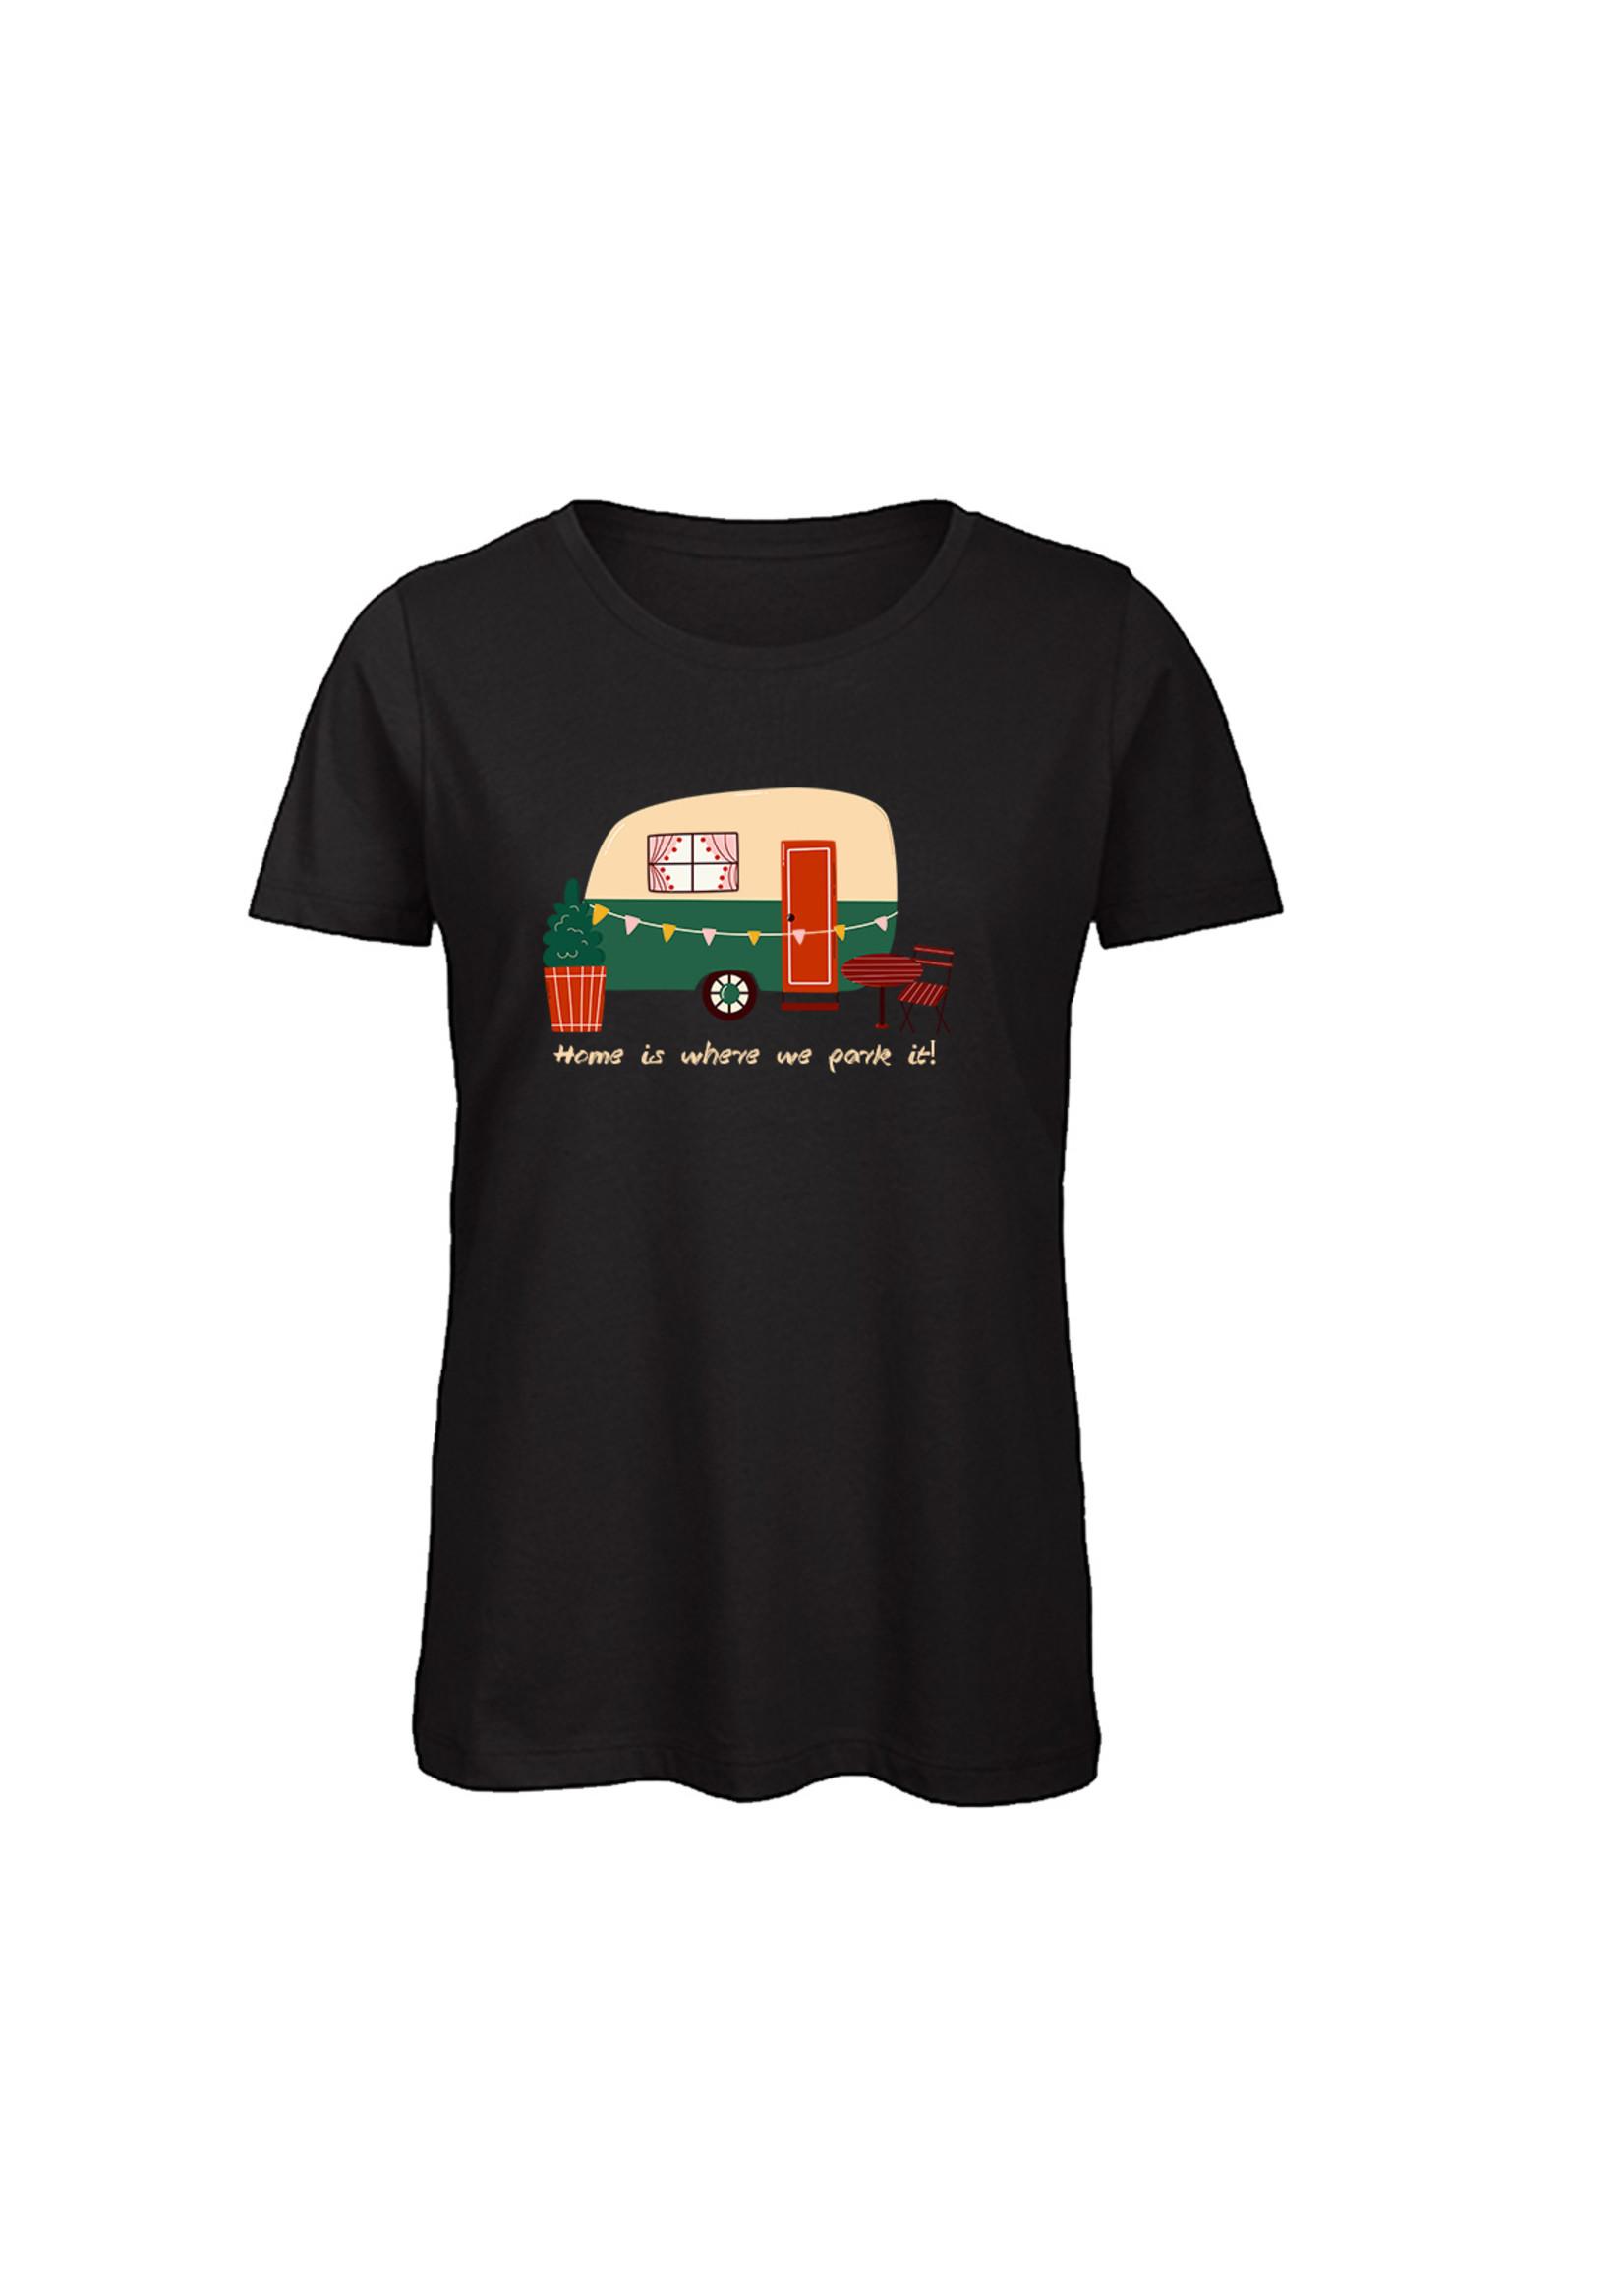 T-shirt caravan home is where we park it